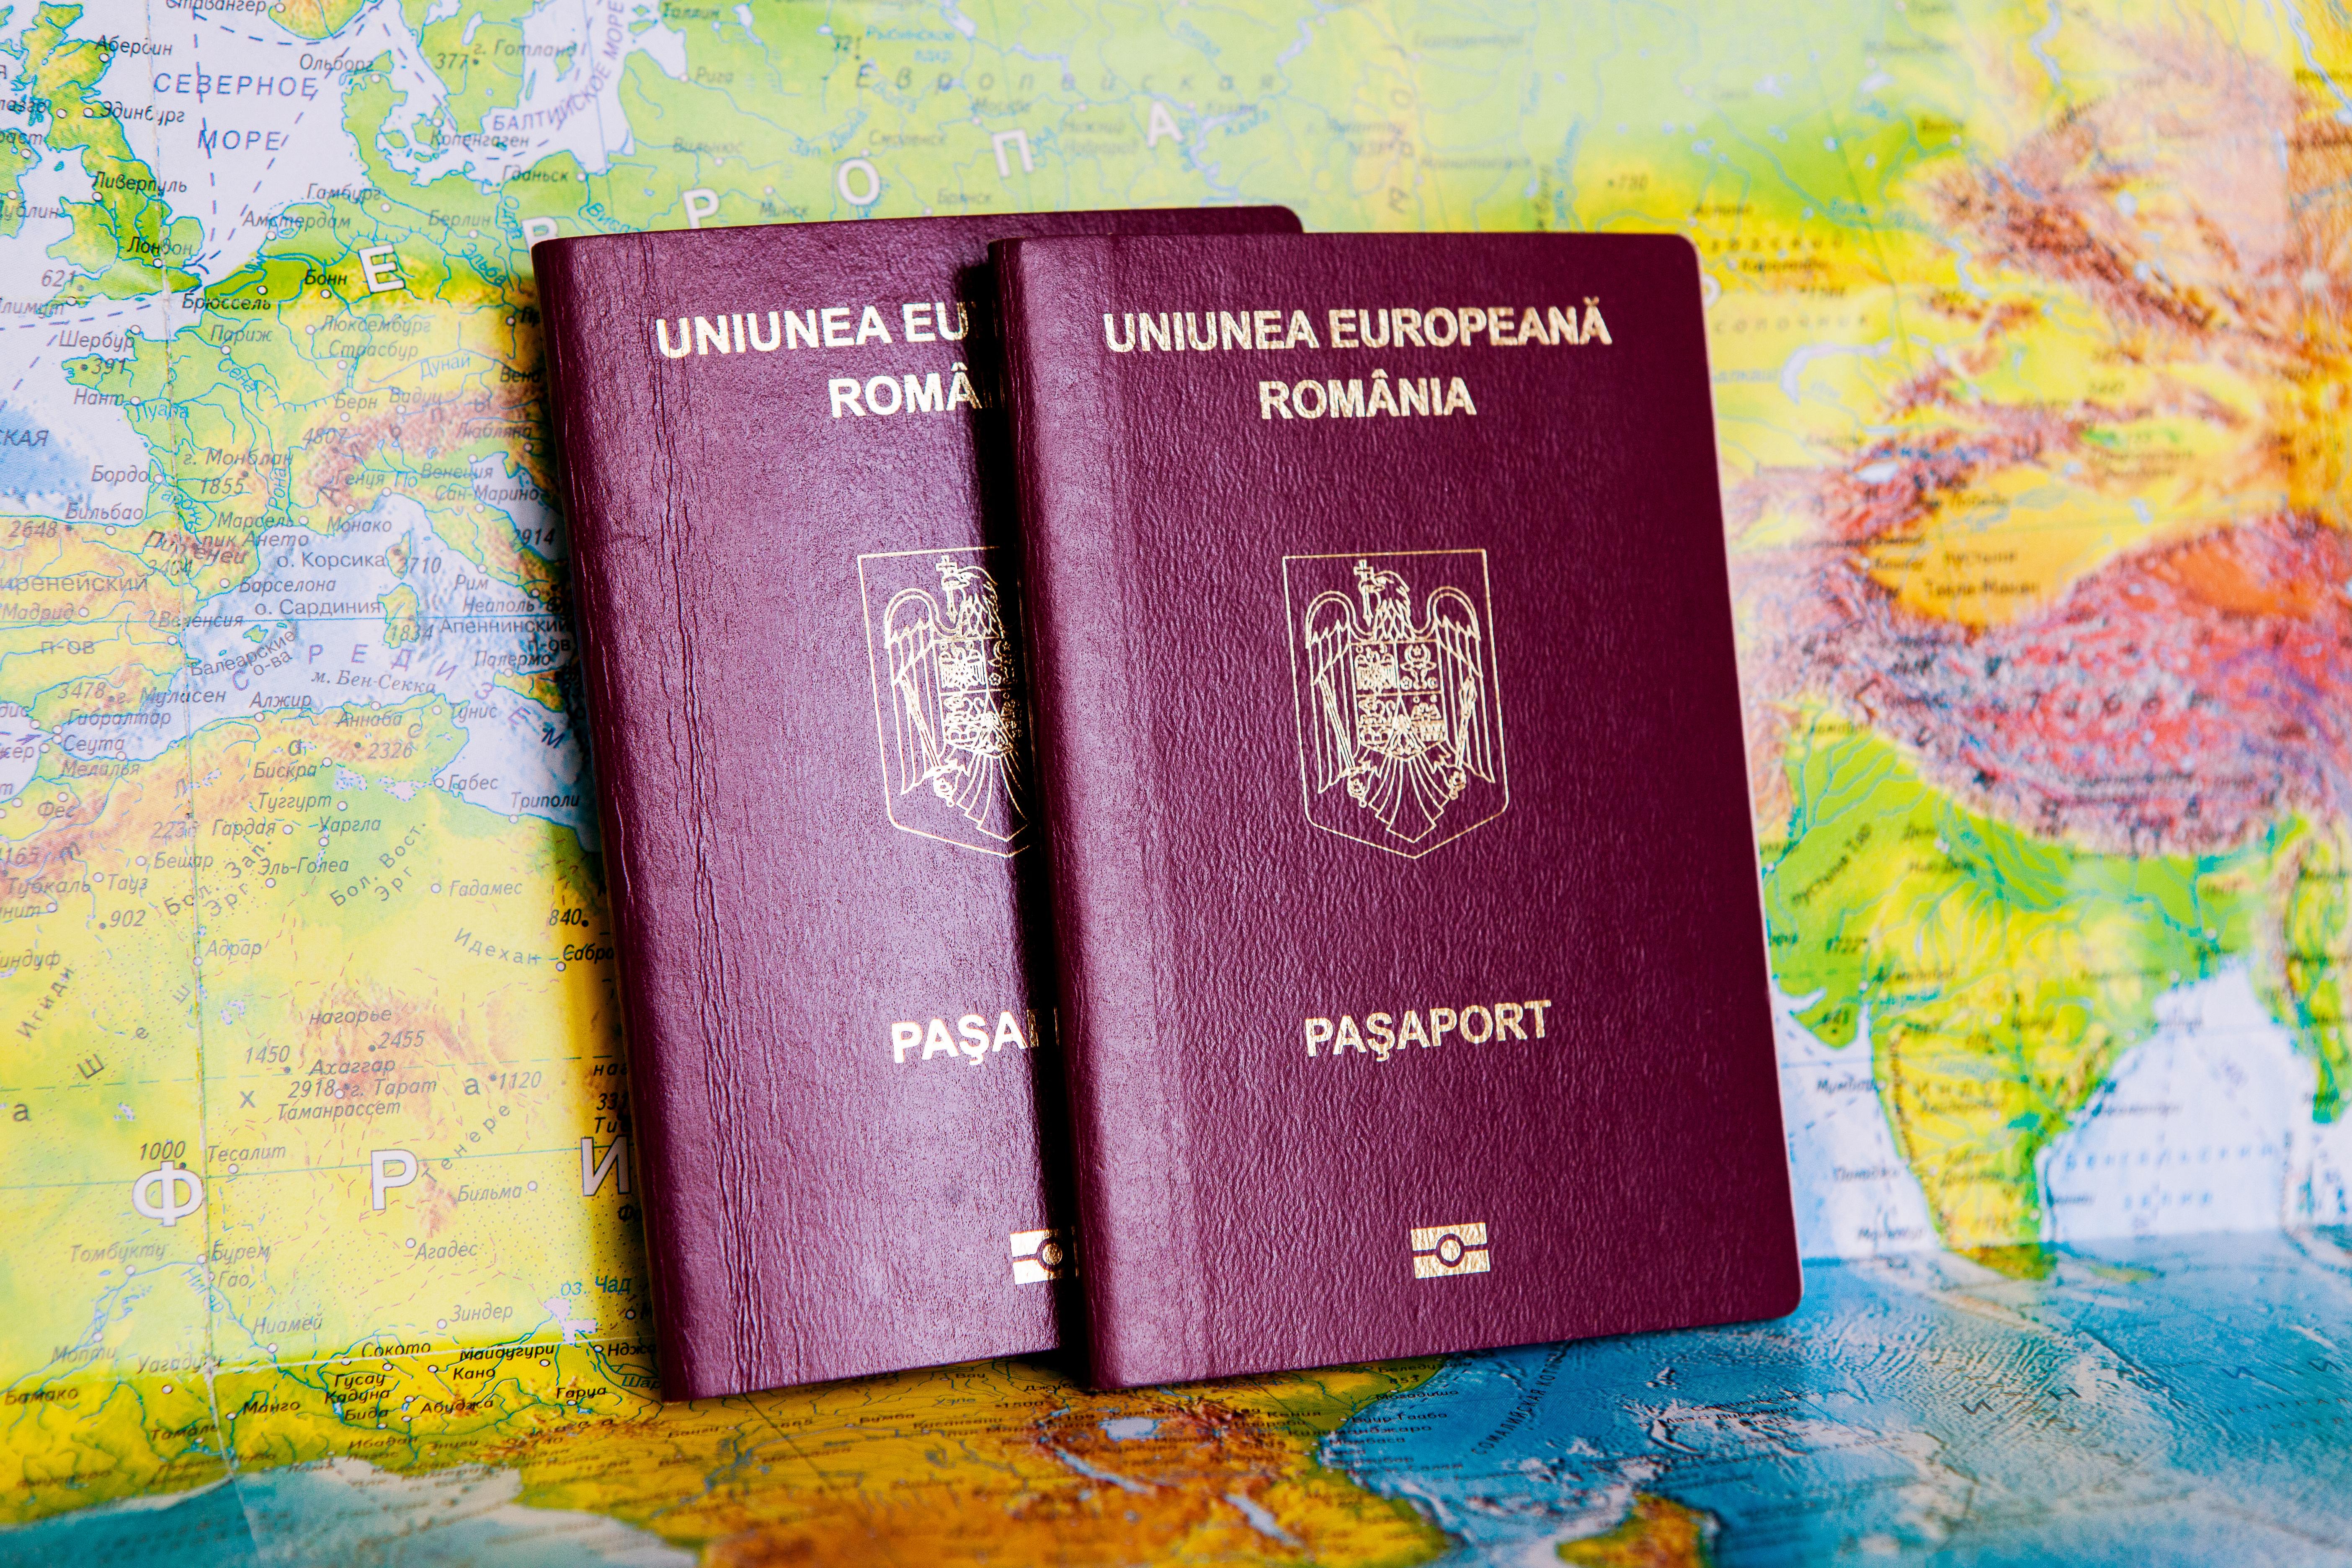 Паспорта Румынии, гражданство которой могут получить россияне